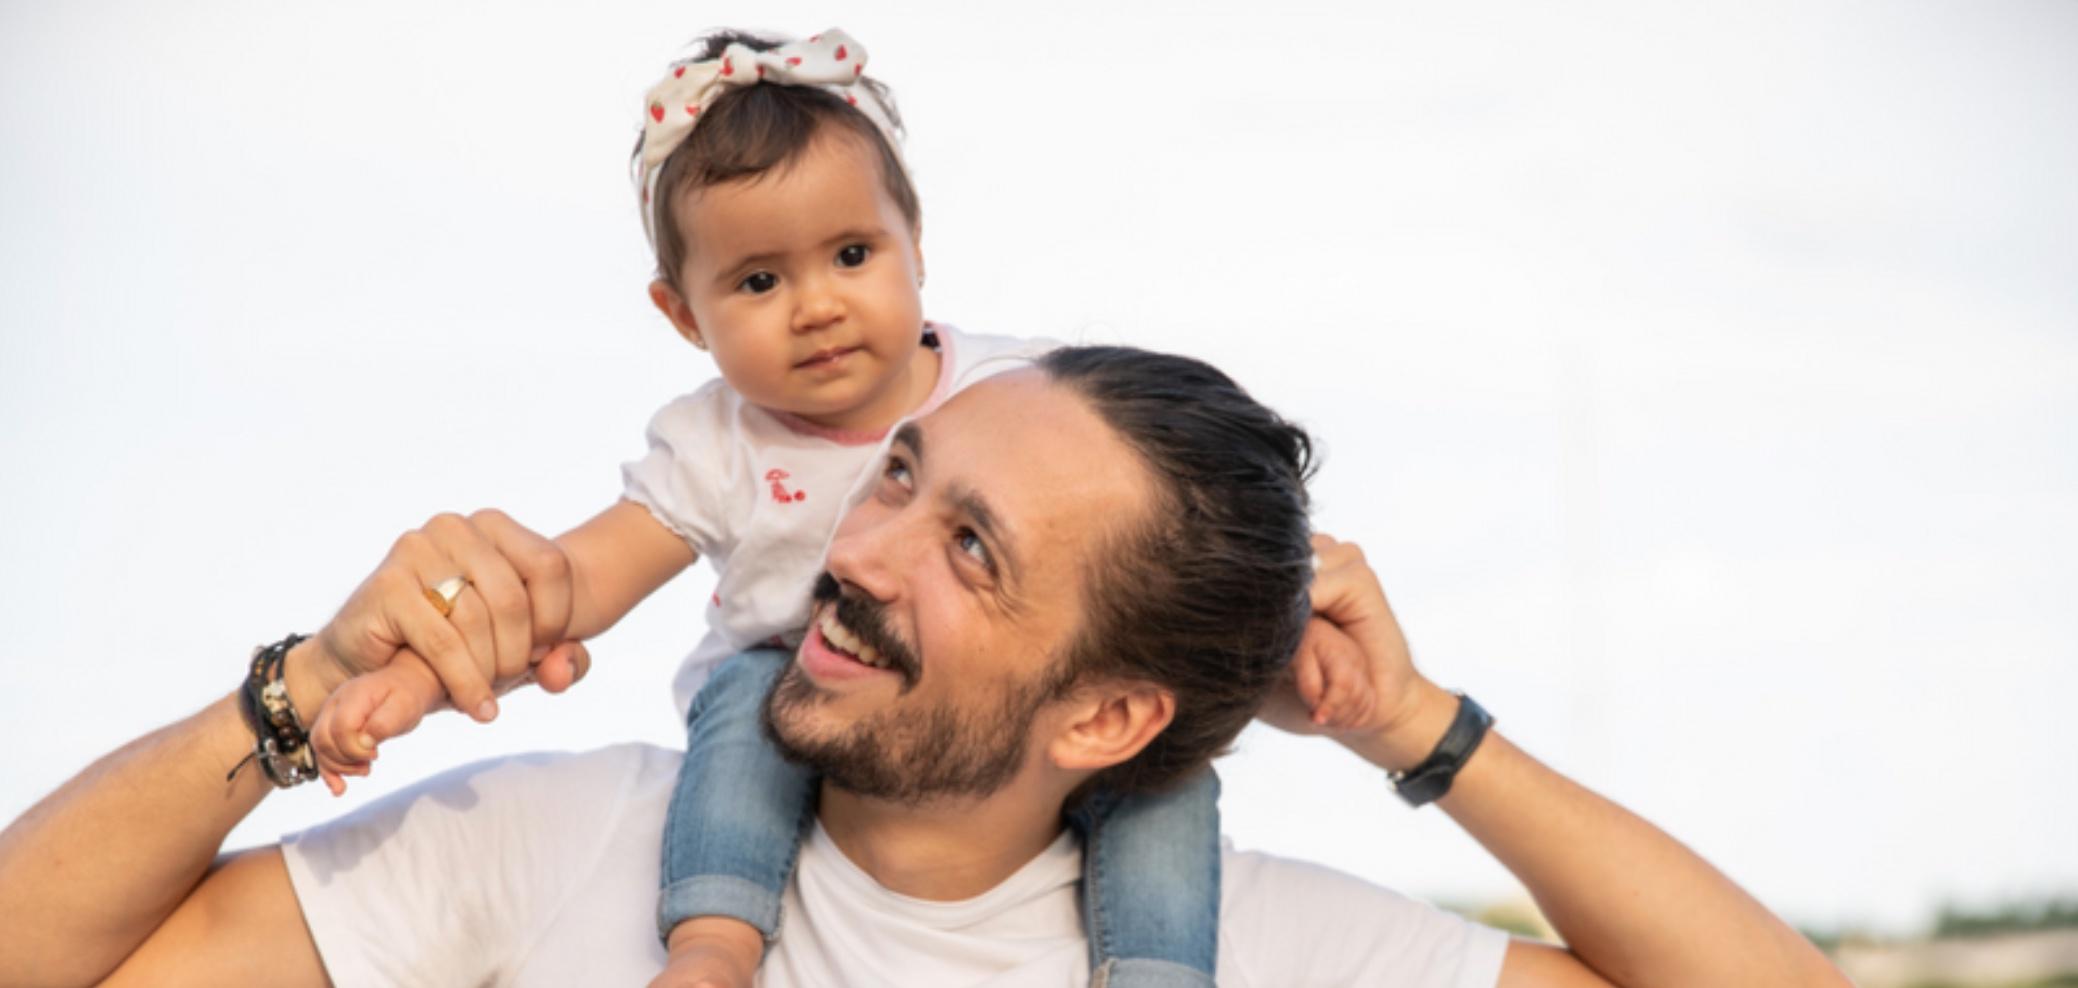 Voordelen voor kinderen van het hebben van een vaderfiguur